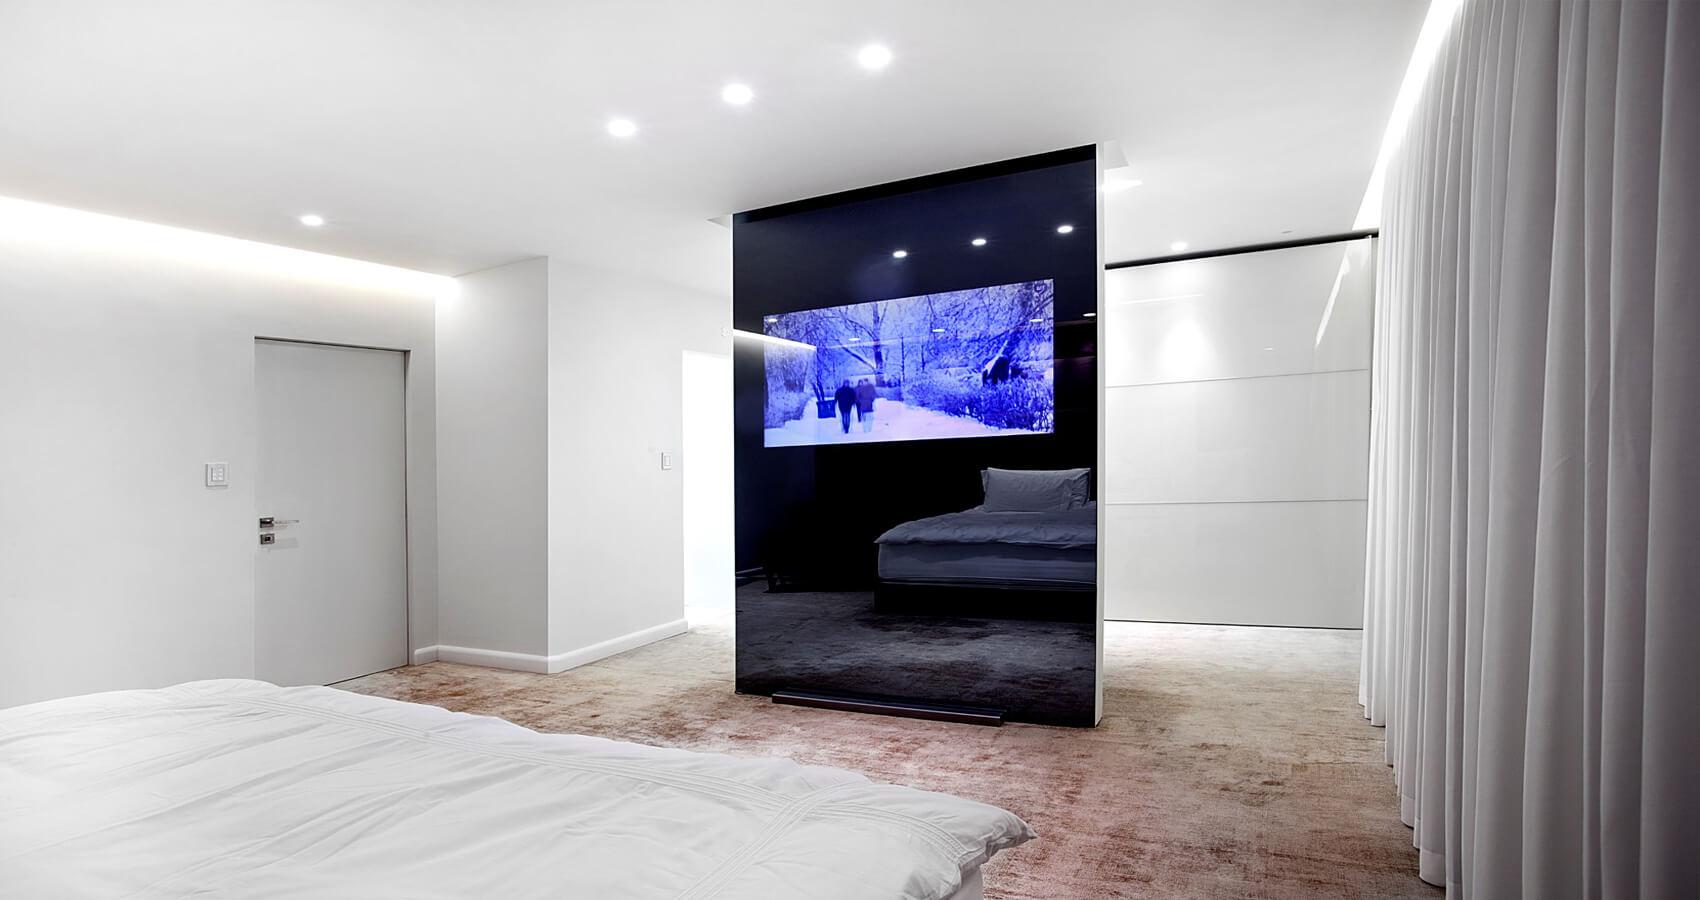 עיצוב חדר ארונות לחדרי שינה